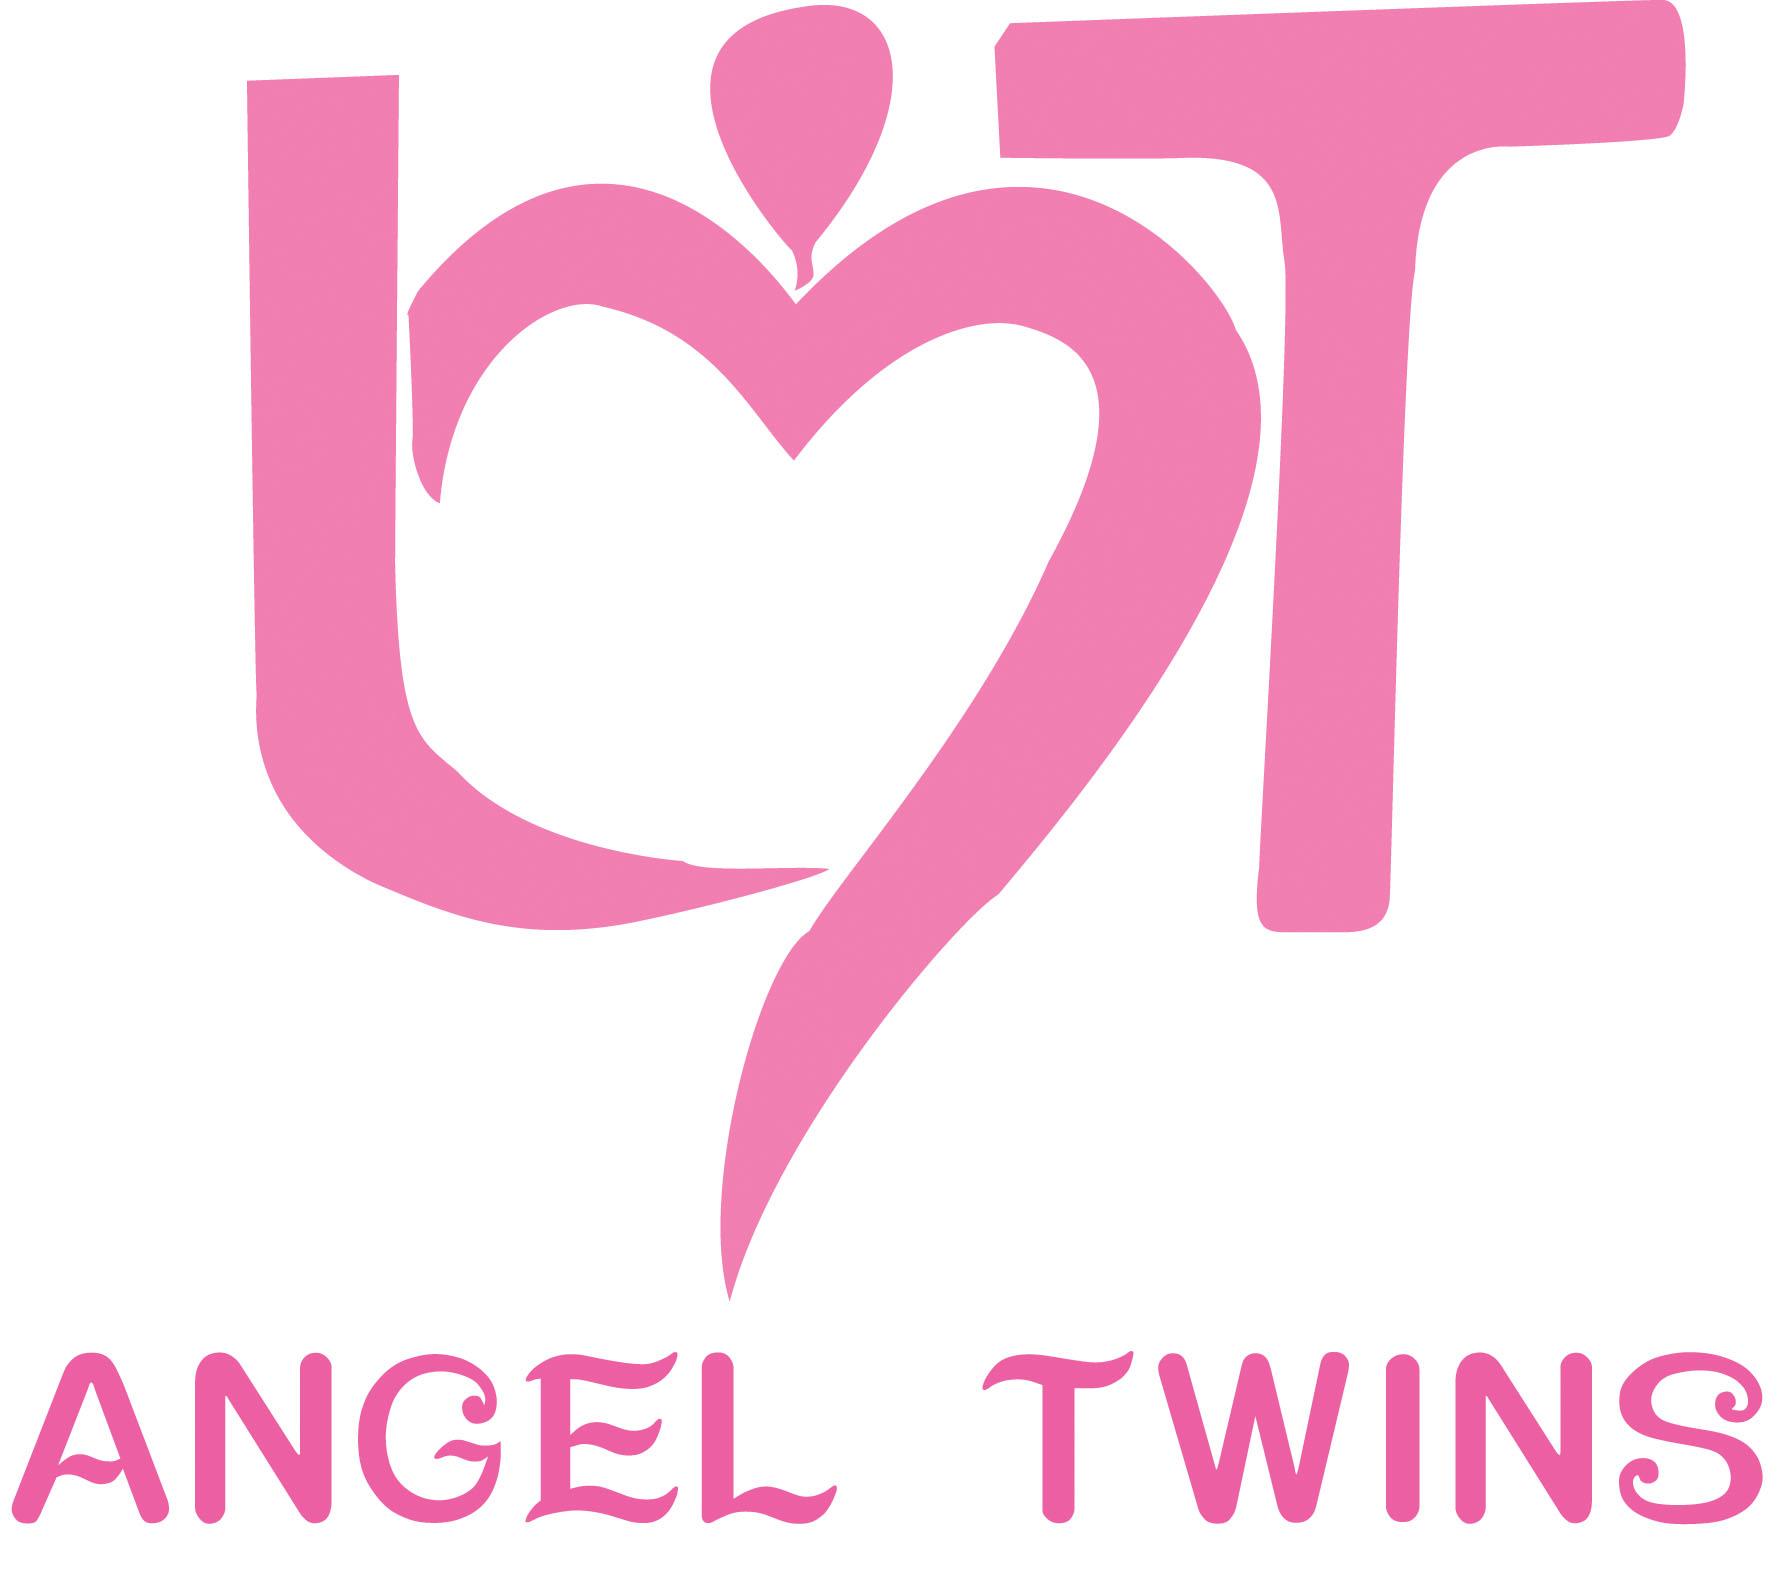 内衣品牌设计logo